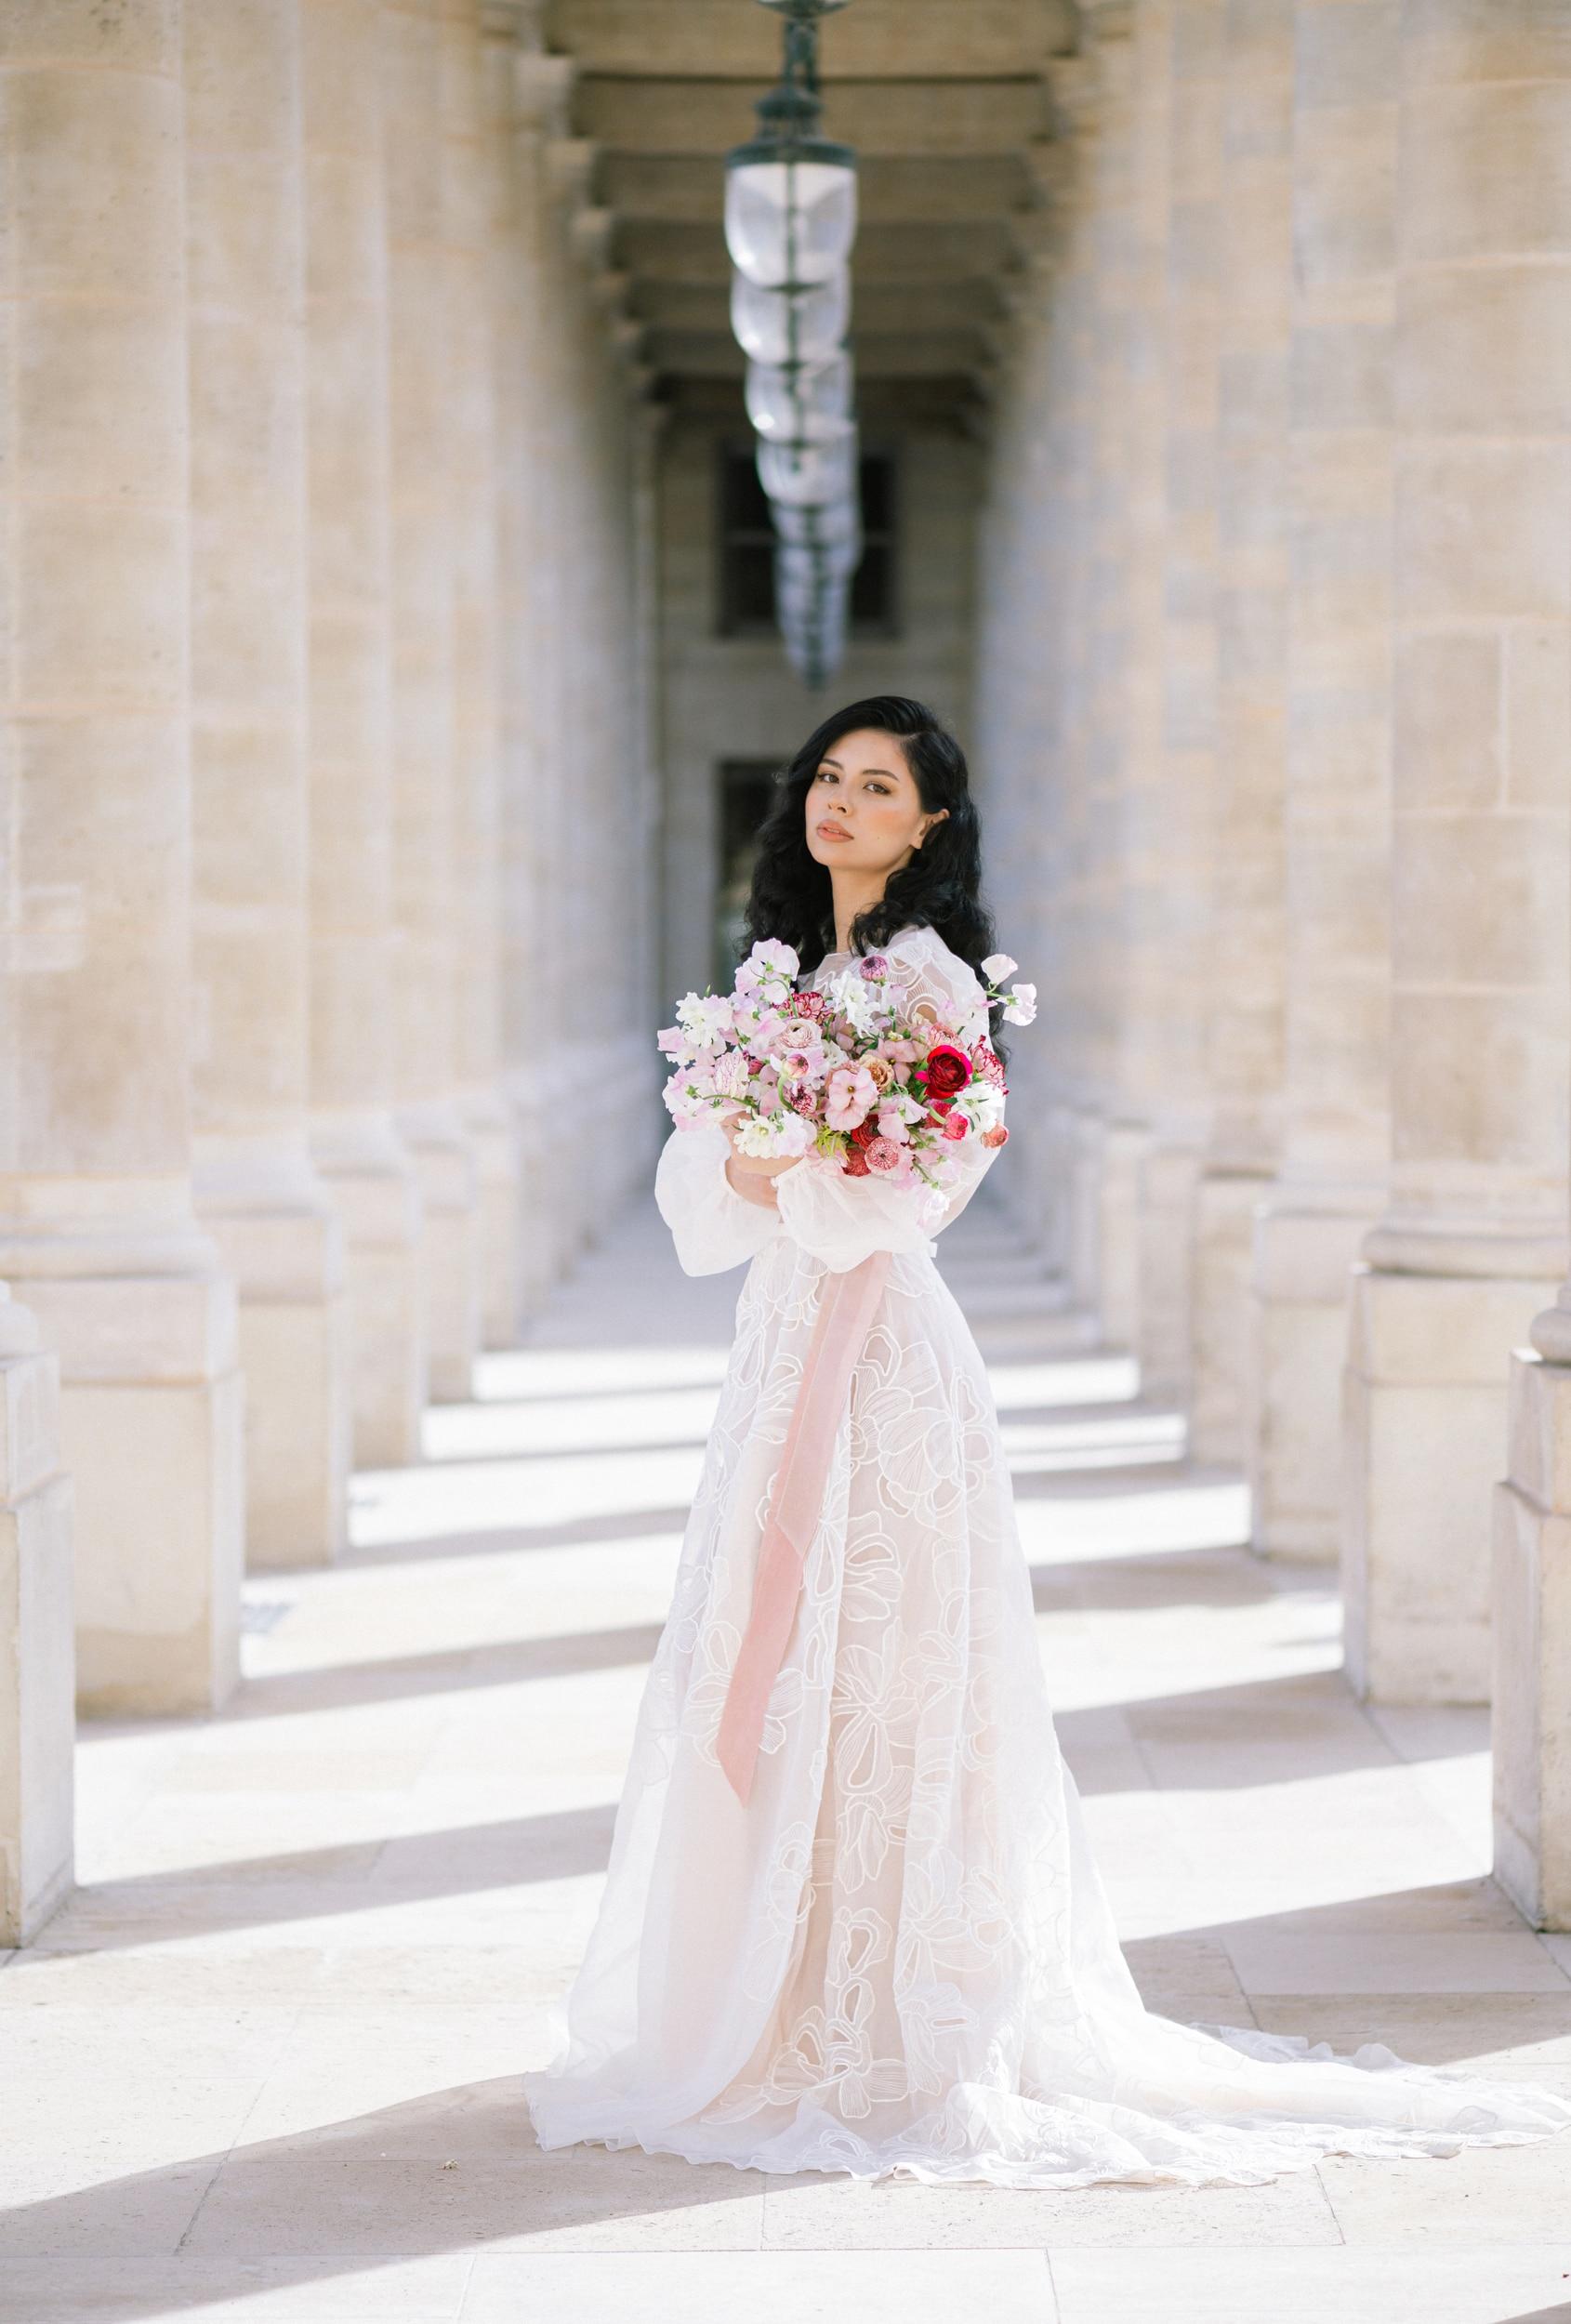 Anais-7920Photographe mariage paris louvre colonne de buren lina raziq